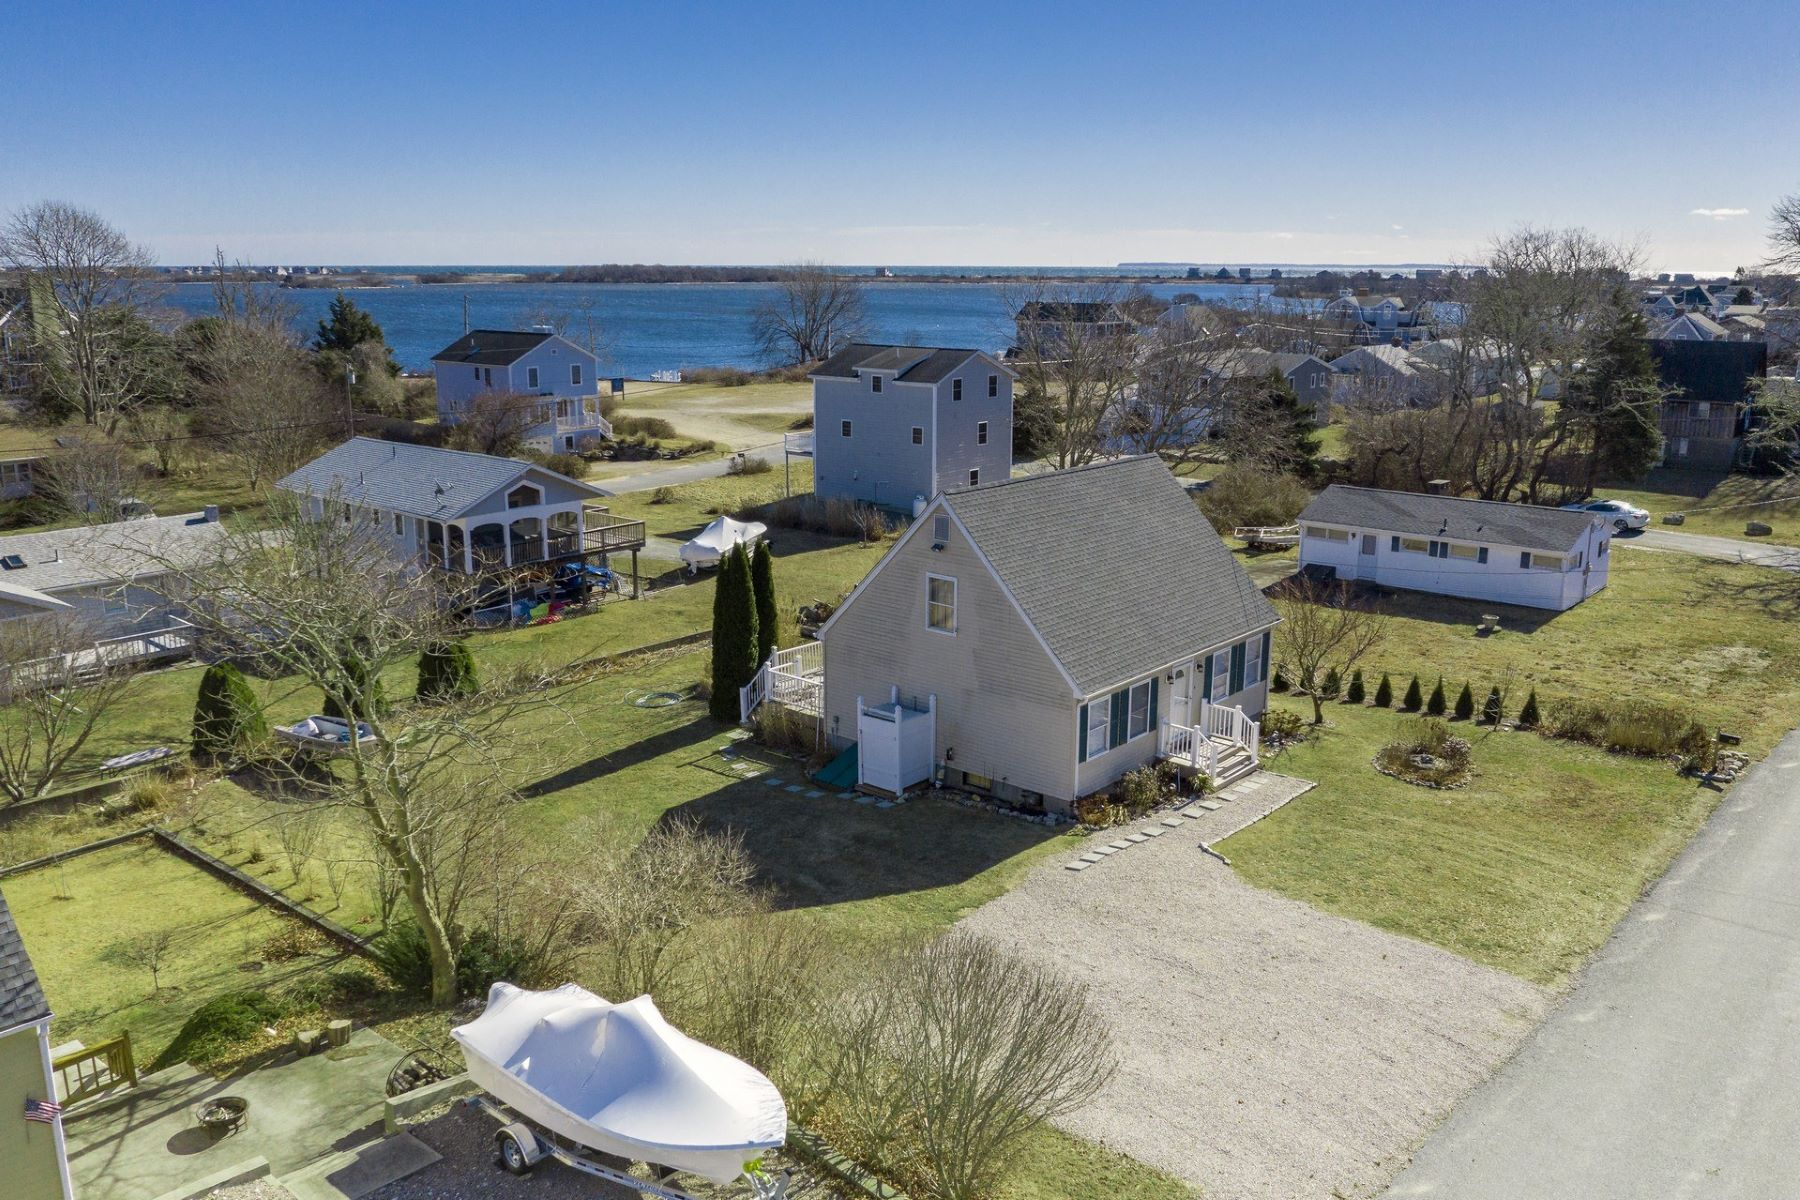 Μονοκατοικία για την Πώληση στο 178 Cedar Rd, Charlestown, RI Charlestown, Ροουντ Αϊλαντ 02813 Ηνωμένες Πολιτείες